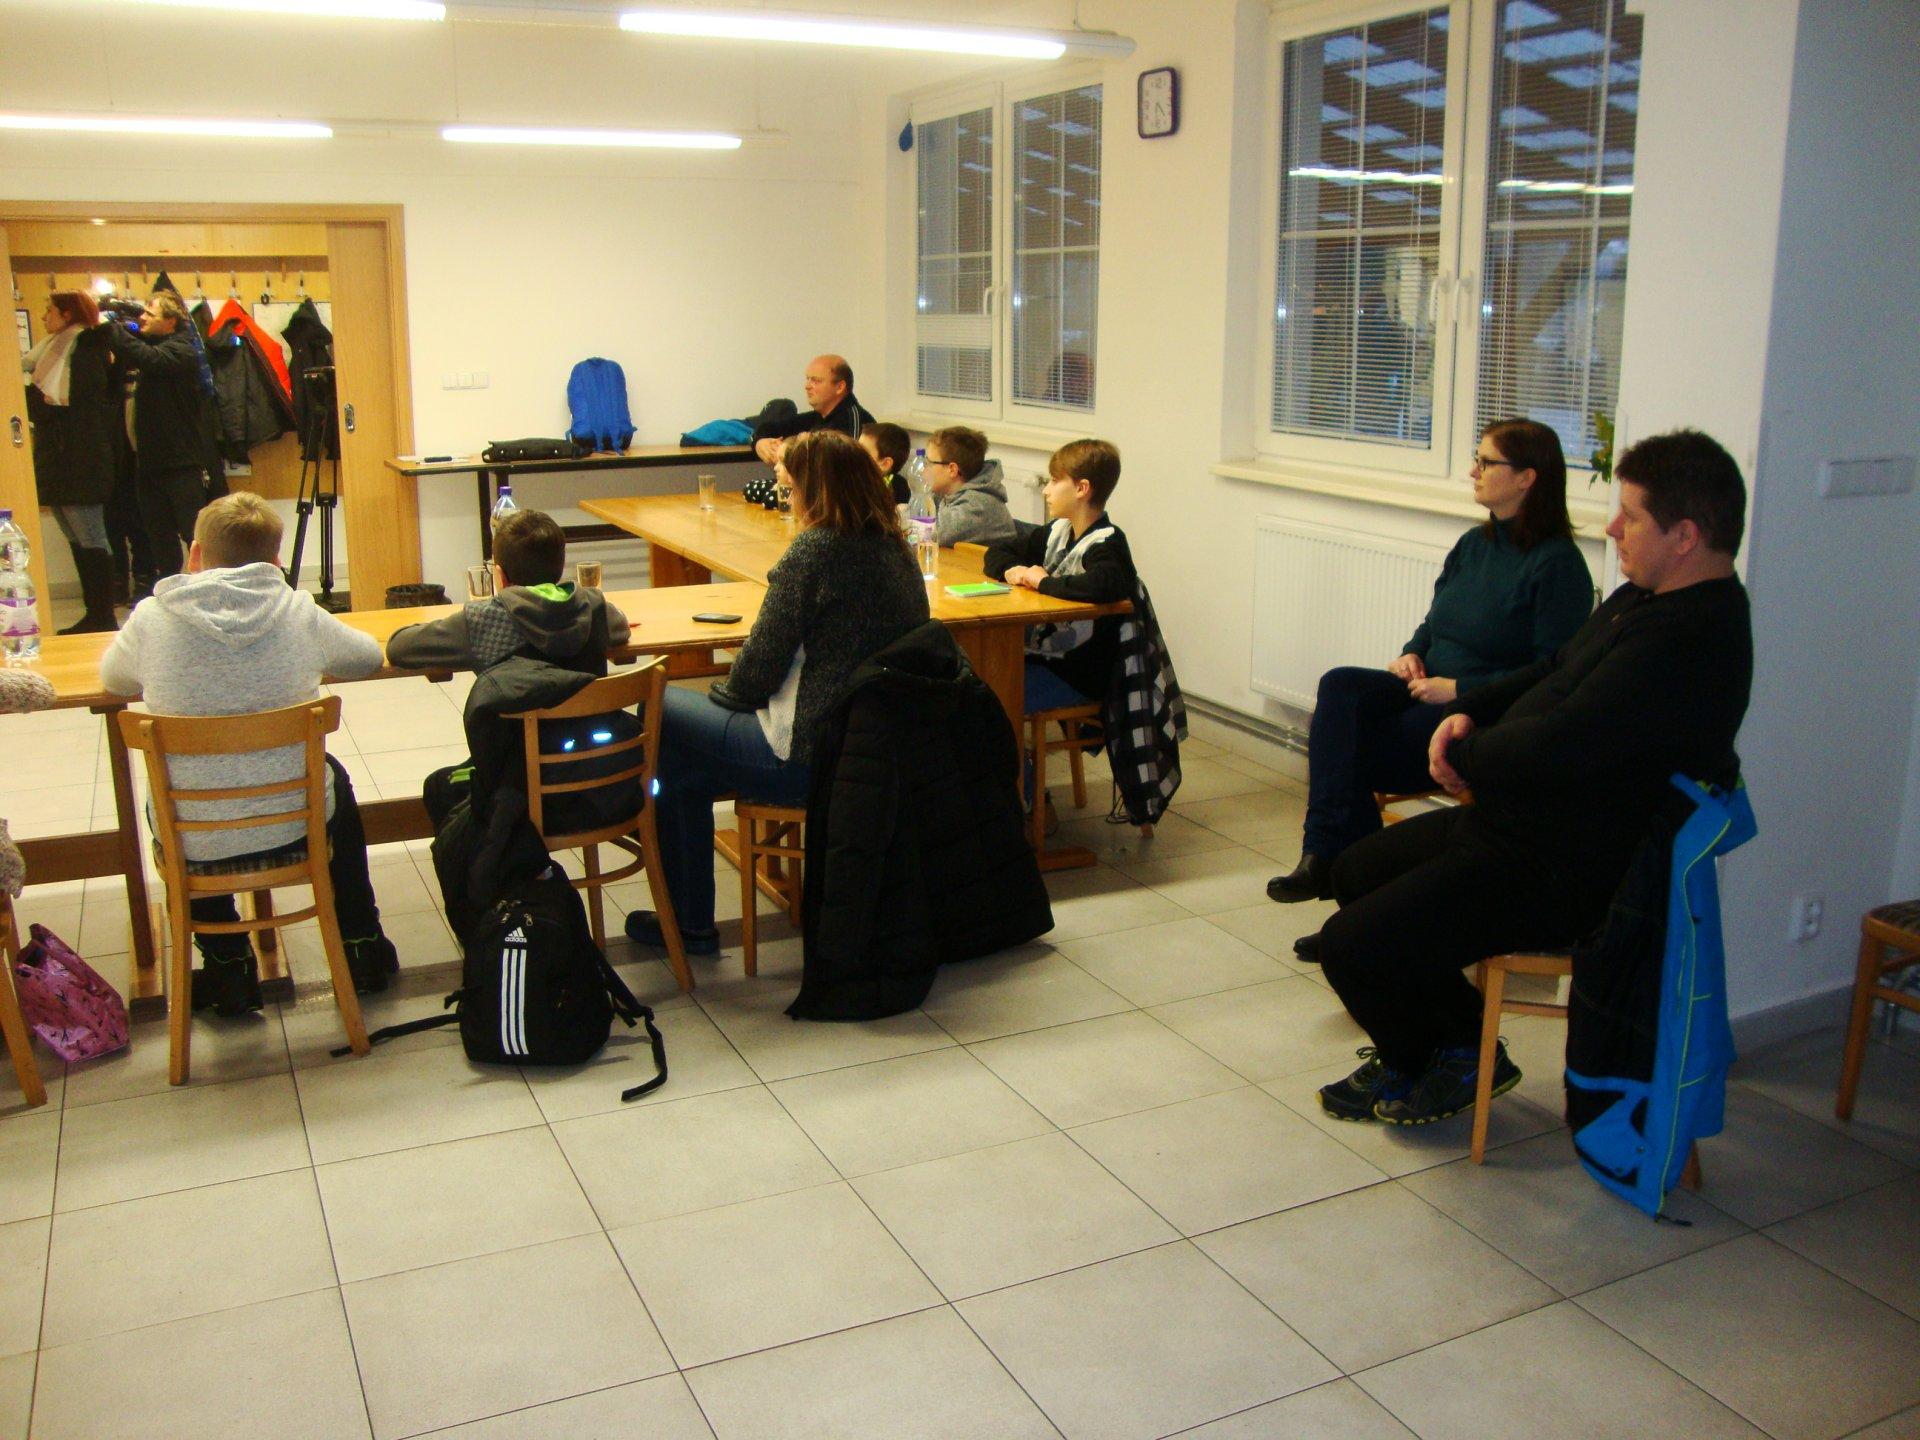 Zahájení Rybářského kroužku mládeže - slovem i obrazem